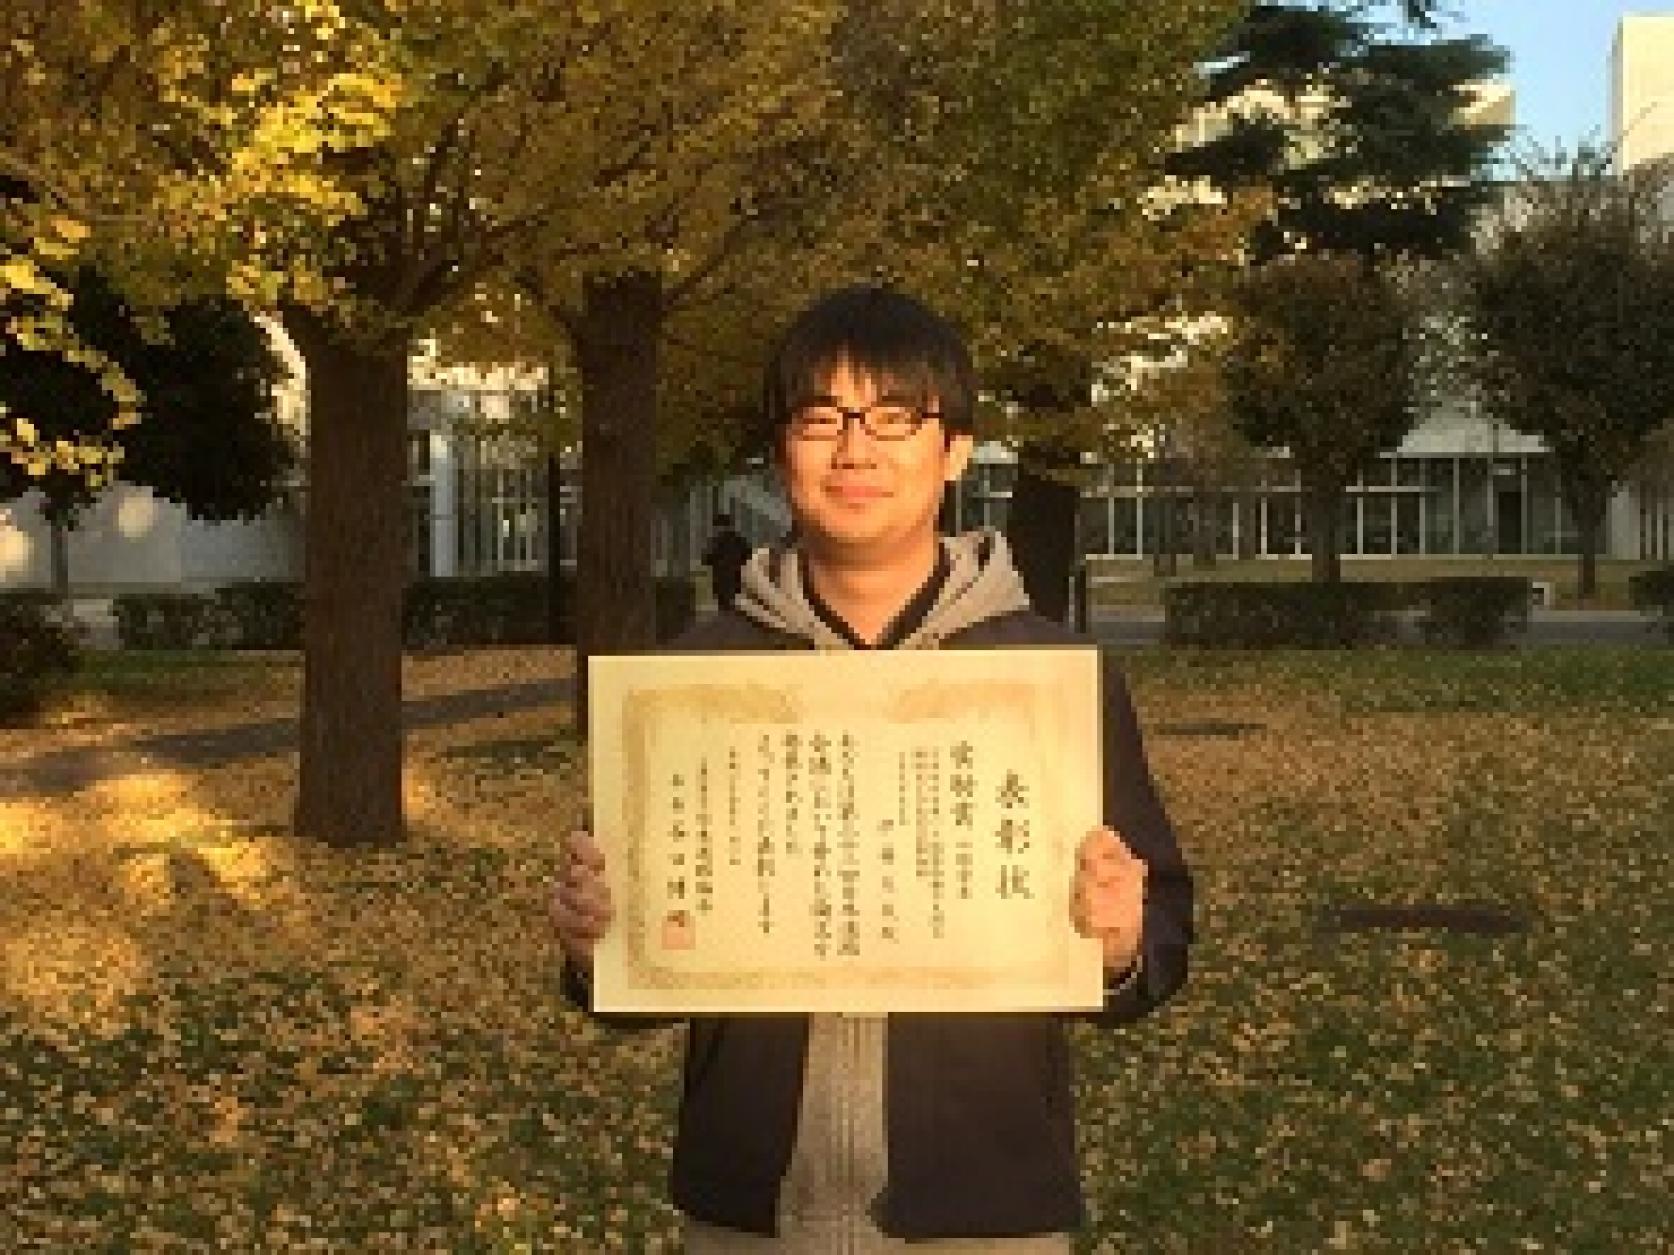 交通システム工学専攻2年の伊藤友哉さんが「第32回日本道路会議」において奨励賞を受賞しました。